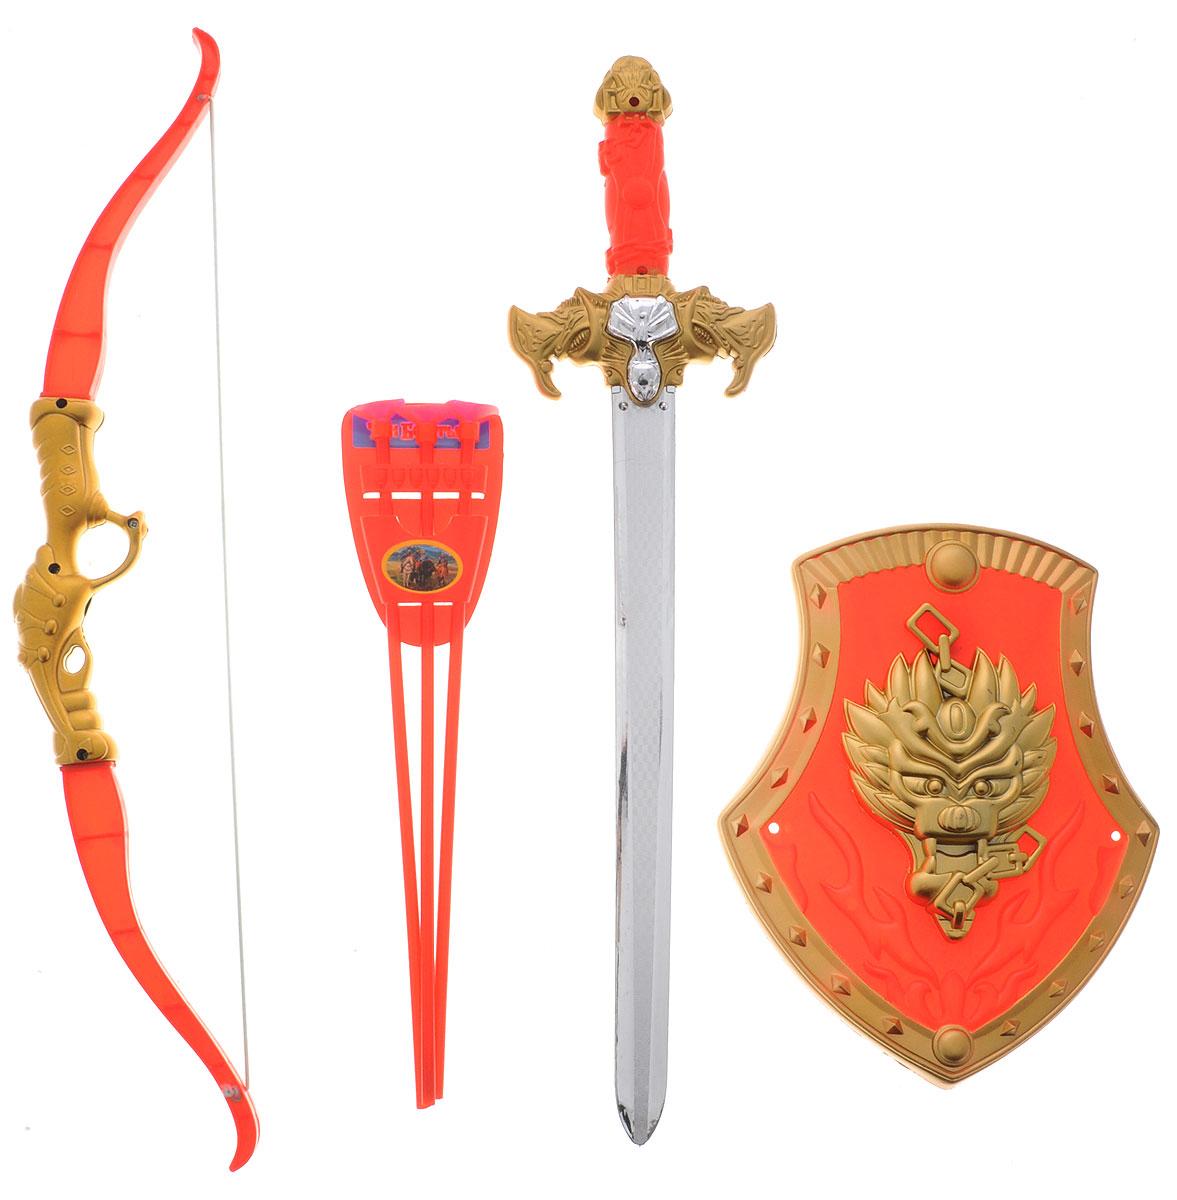 Играем вместе Набор оружия Три богатыря красный золотистый 7 предметовB417167-R2С набором оружия Играем вместе Три богатыря ваш ребенок почувствует себя настоящим защитником и сможет создать несколько игровых сцен средневековья, попробовав себя в роли рыцаря или богатыря. В набор входят щит, меч, лук, футляр для стрел и три стрелы. Все элементы выполнены из прочного и безопасного для ребенка материала. Порадуйте своего ребенка таким замечательным подарком!